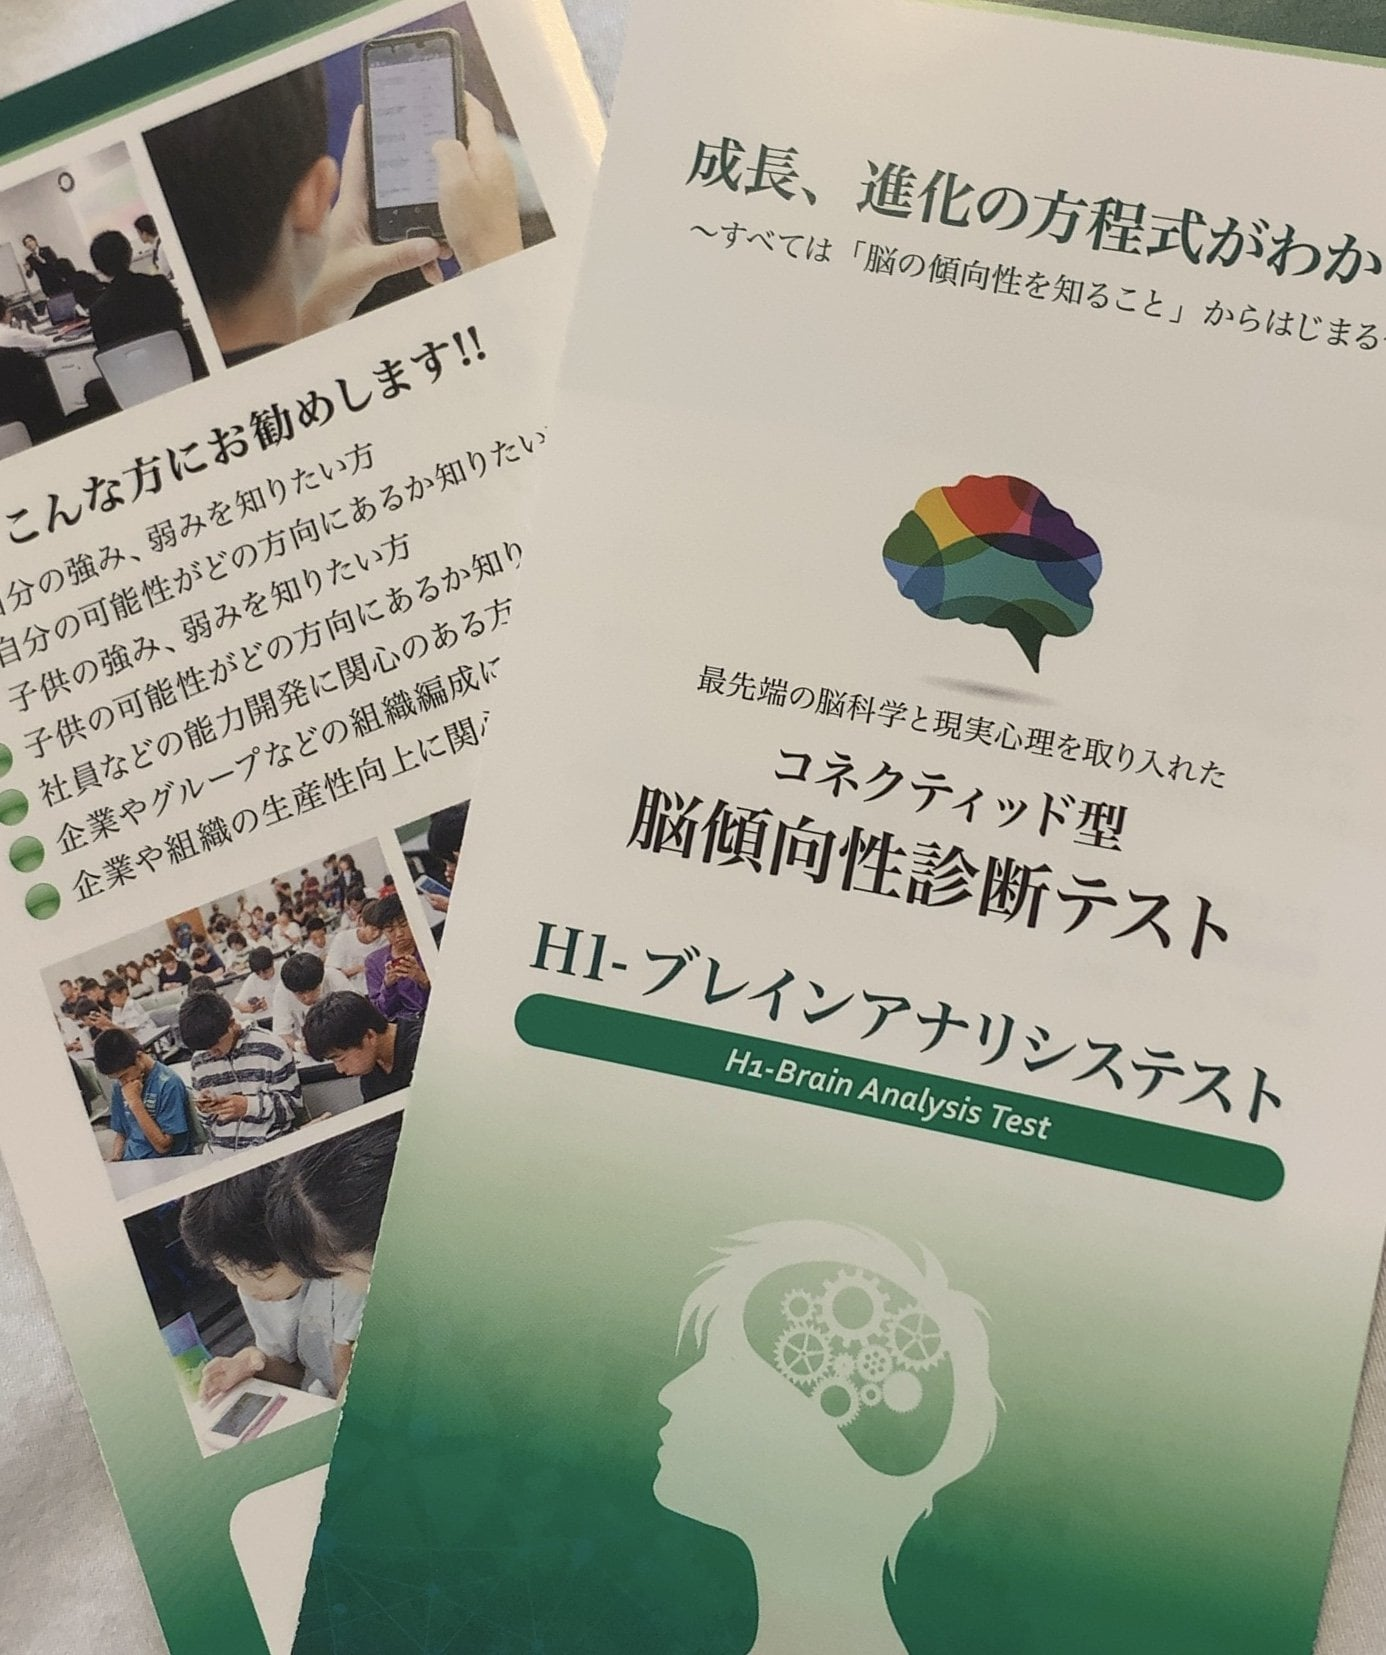 脳傾向性診断テスト・解説・アドバイスのイメージその1